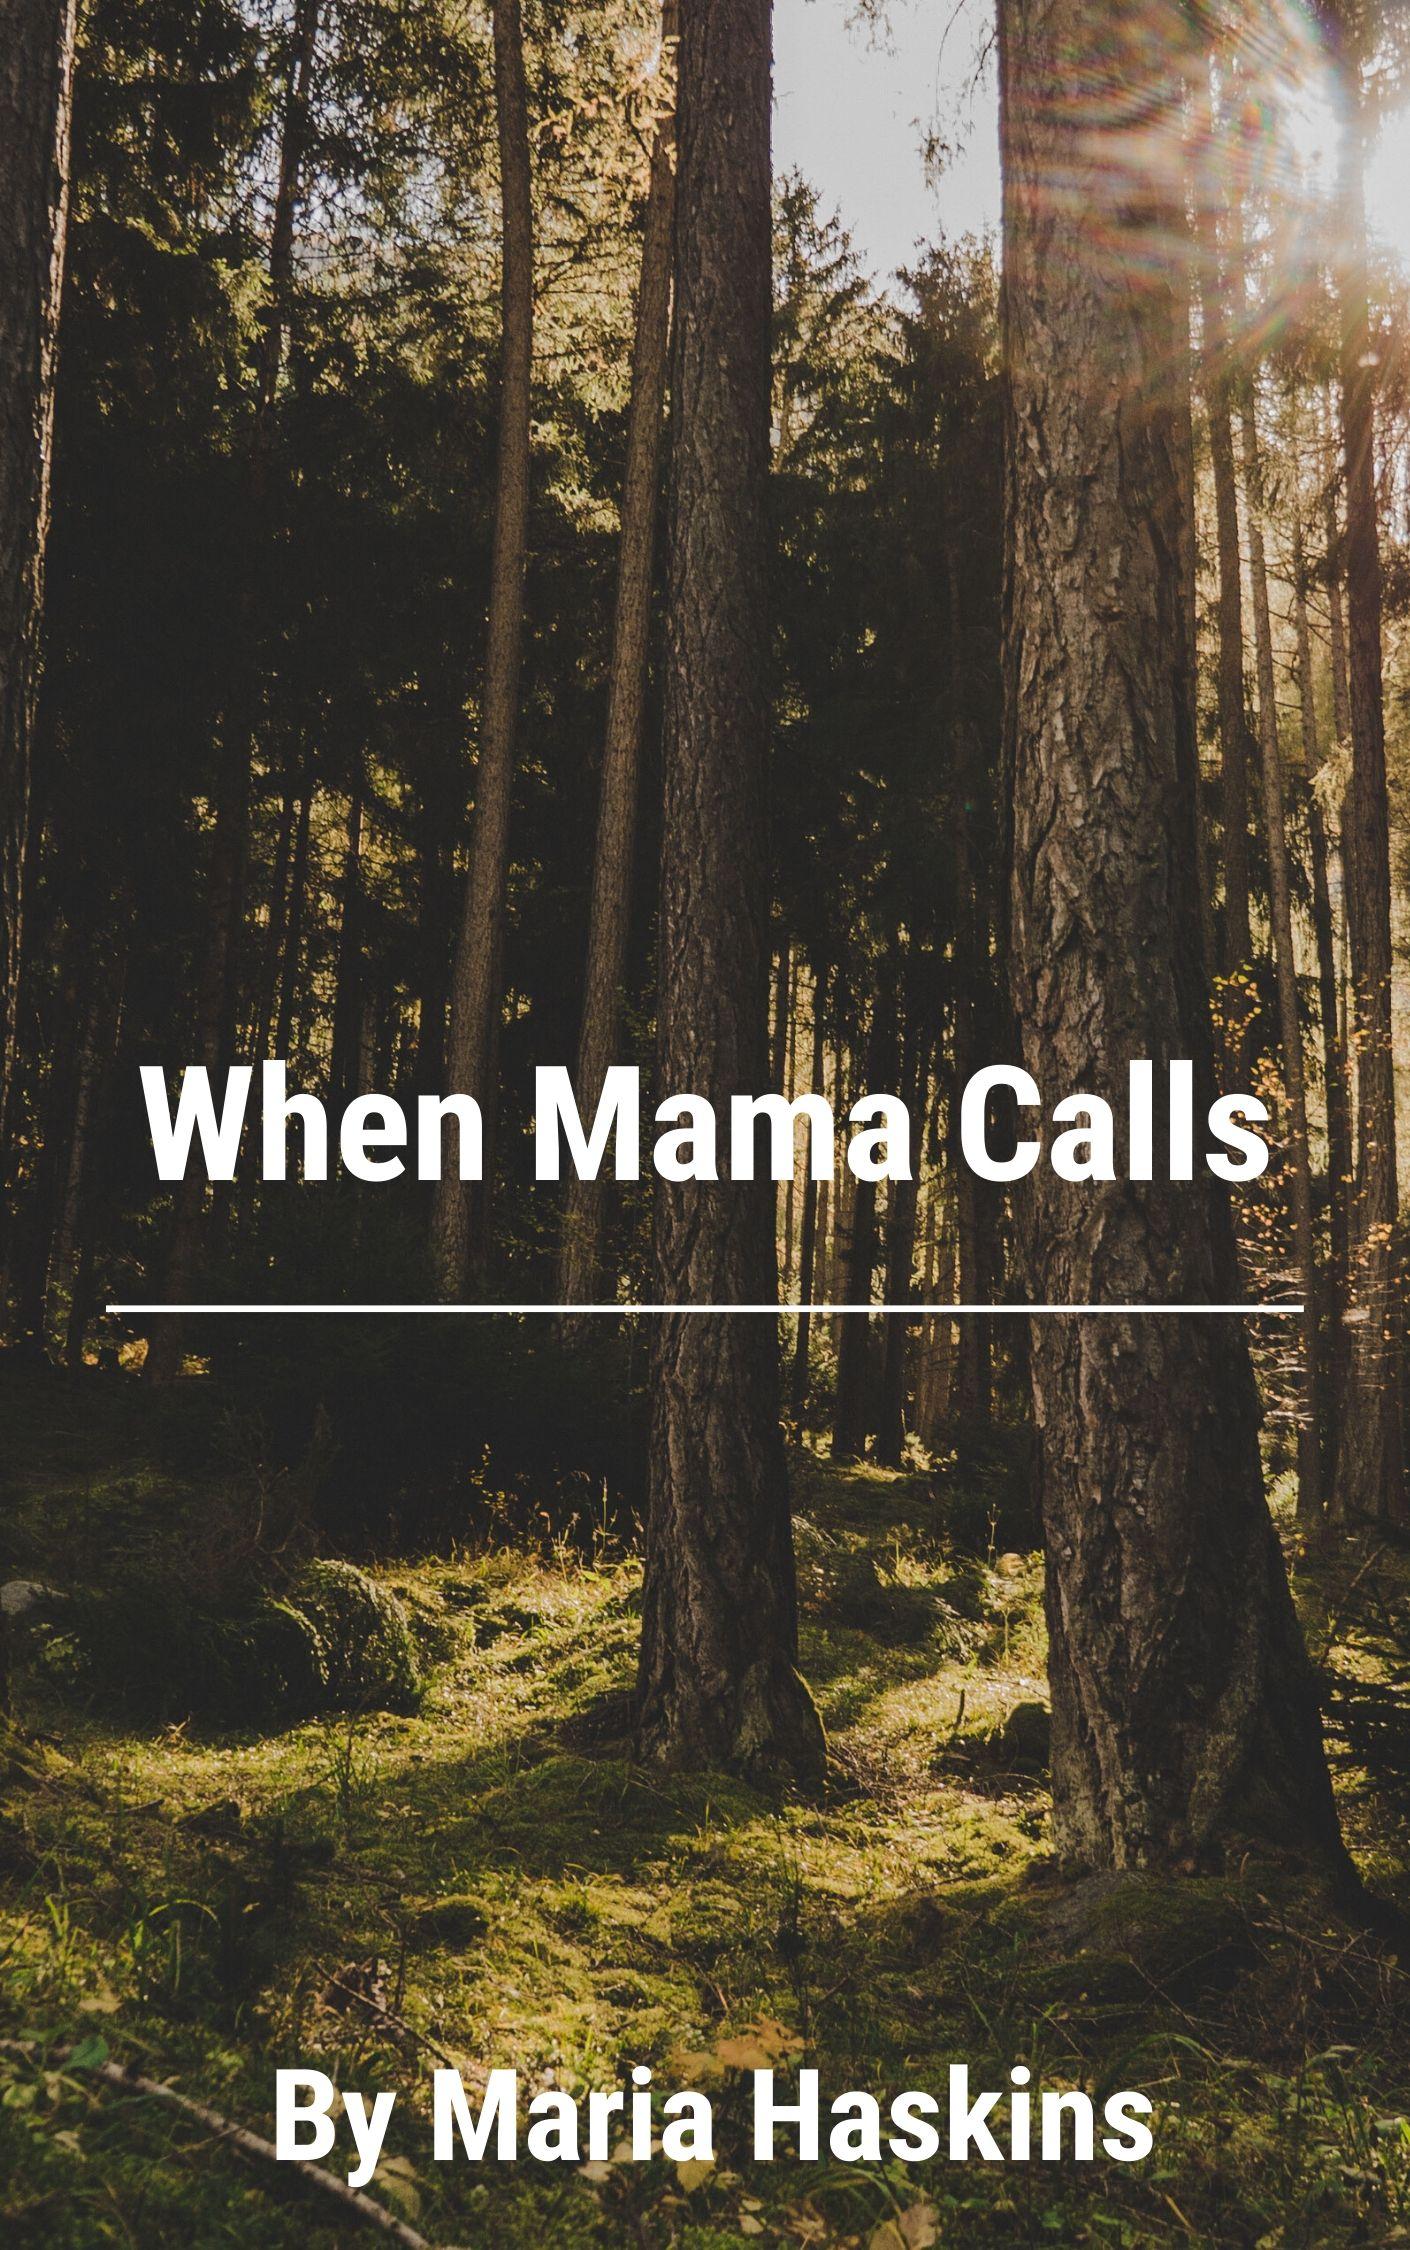 When mama calls